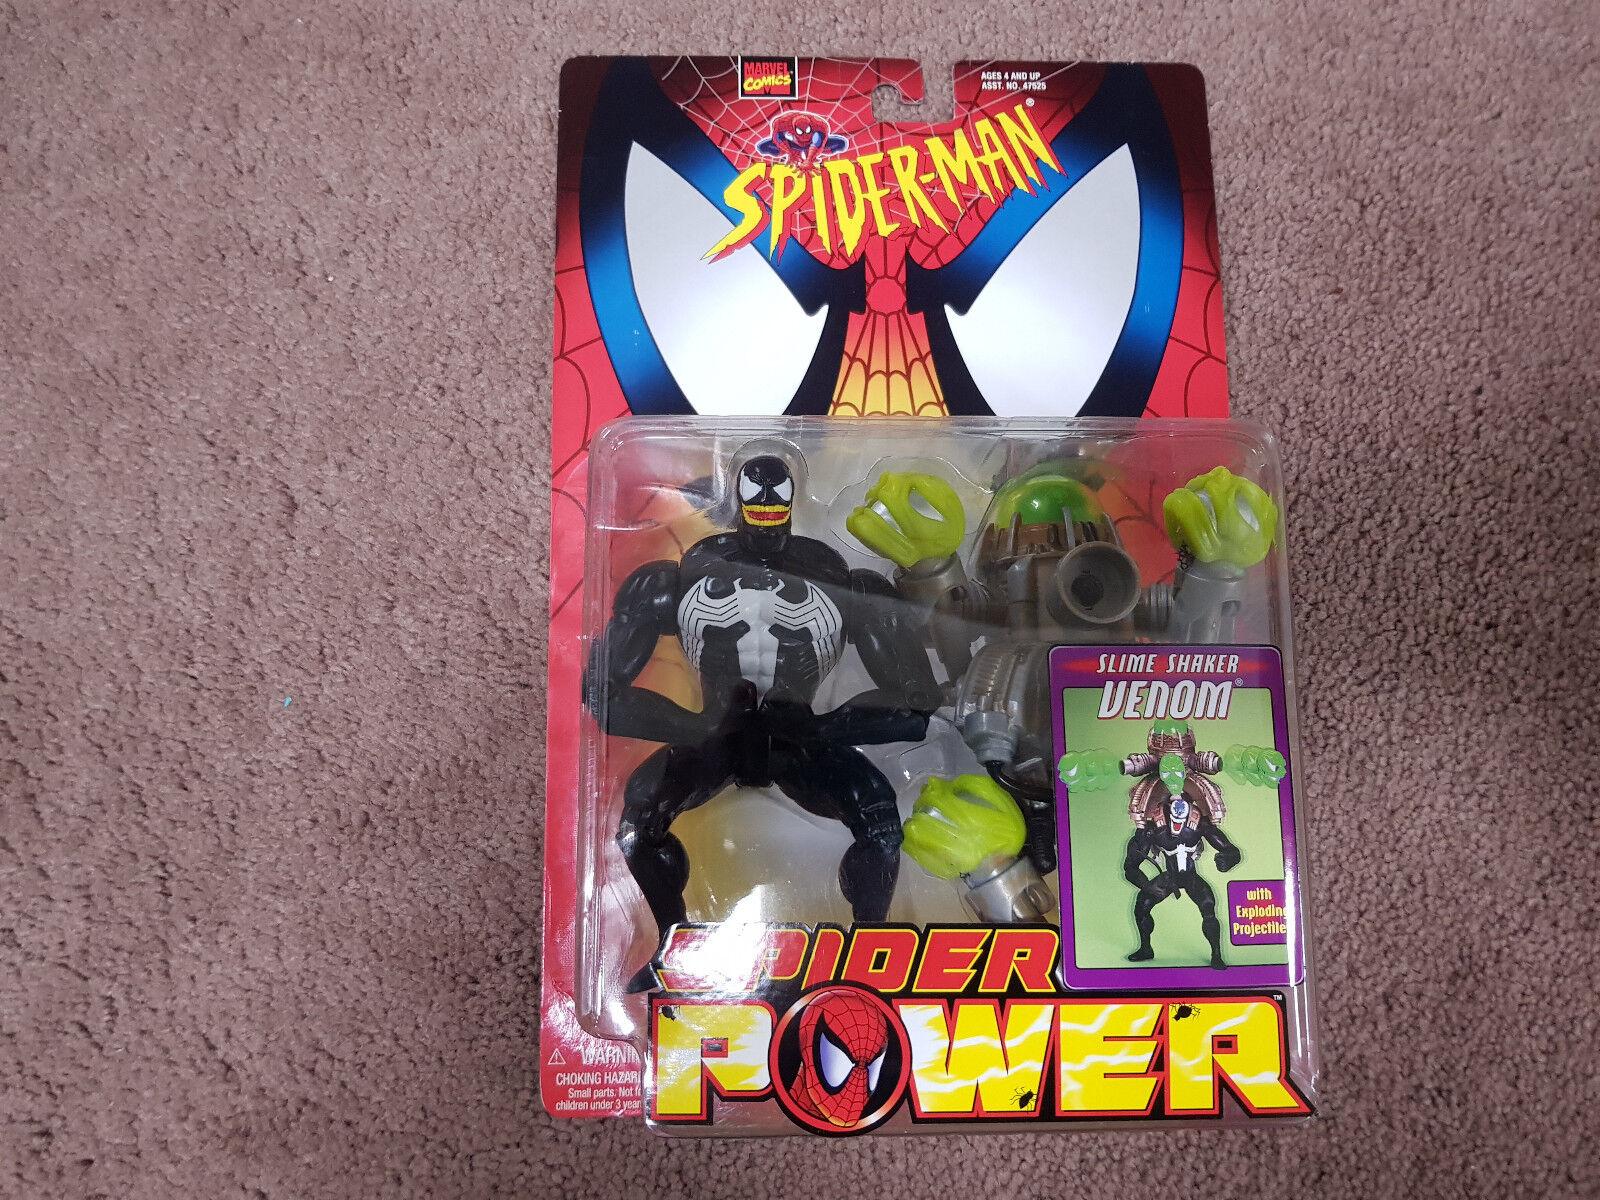 Spider-Man  Slime Shaker Venom   5  Carded Figure  Toybiz 1998